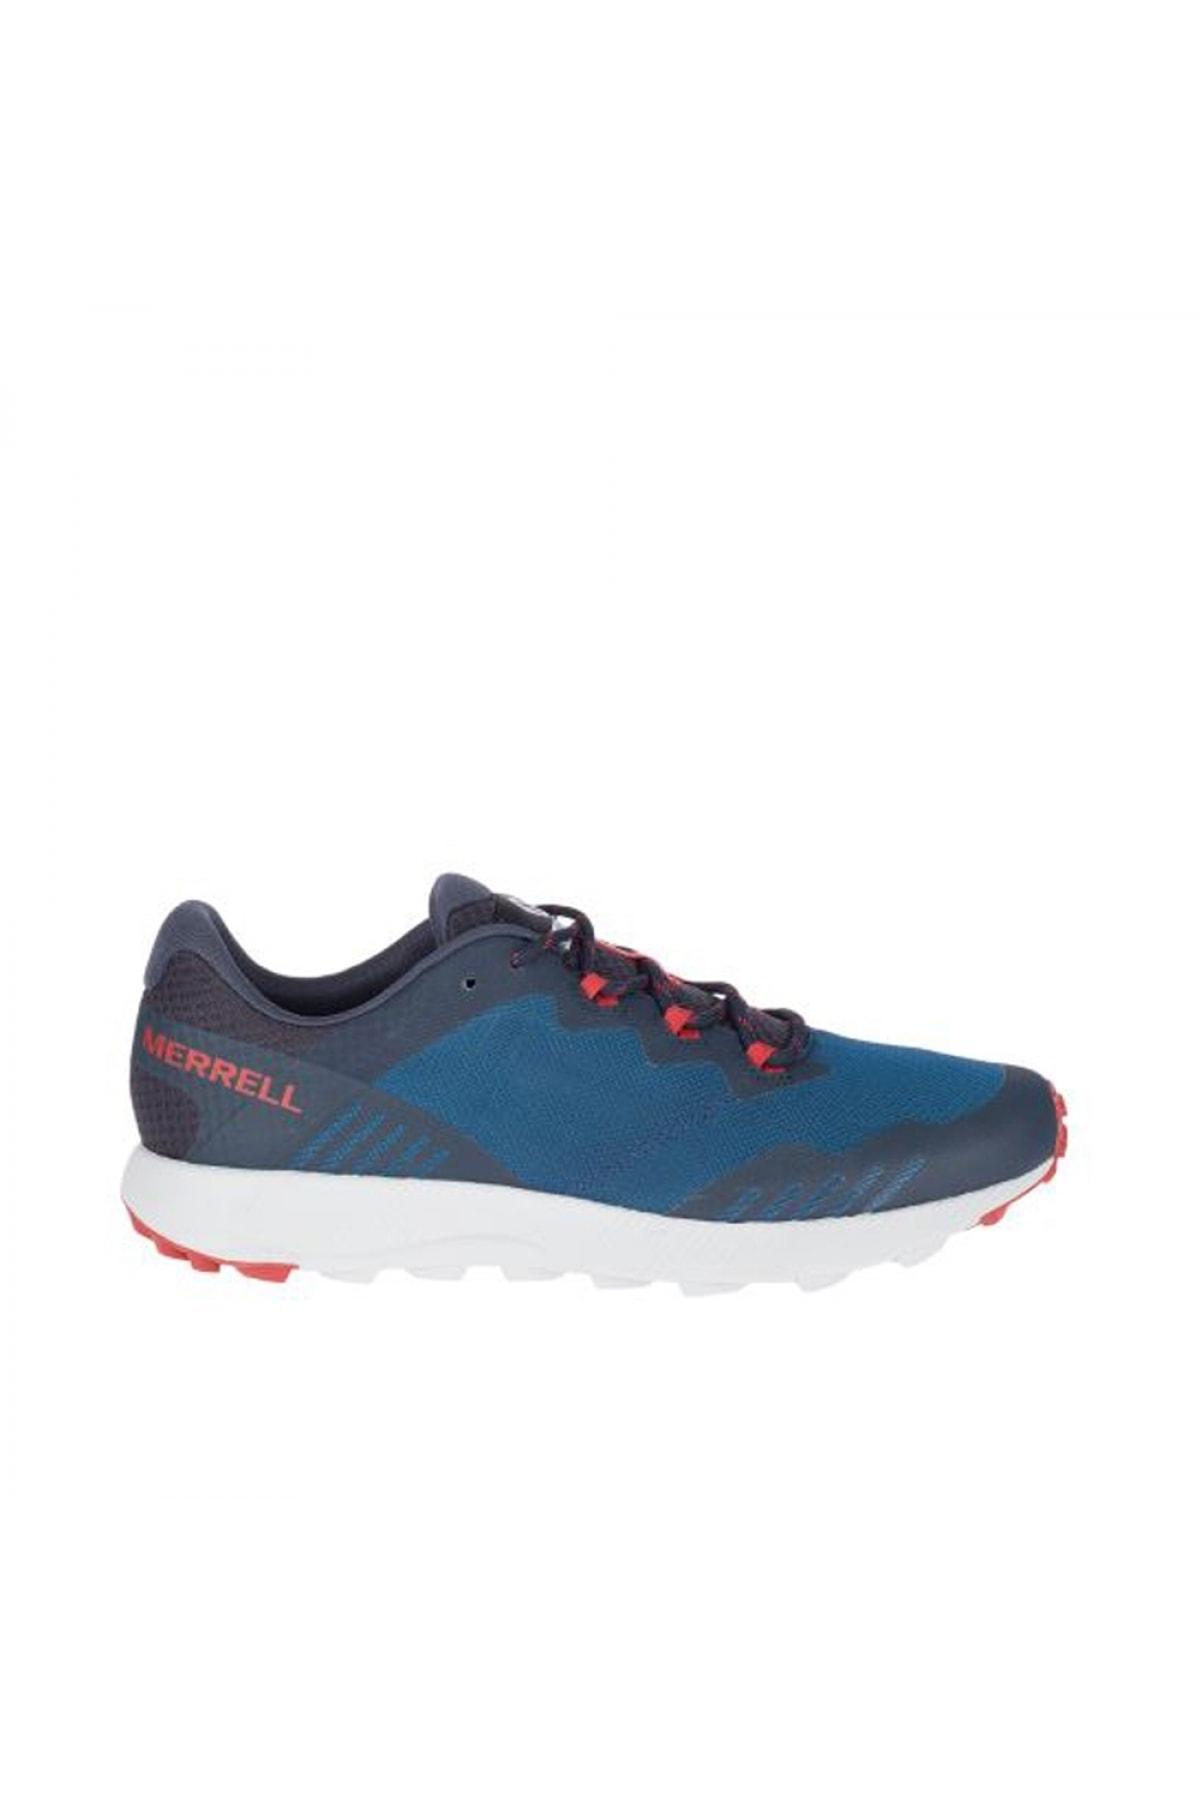 Merrell Fluxıon Erkek Outdoor Koşu Ayakkabısı 1